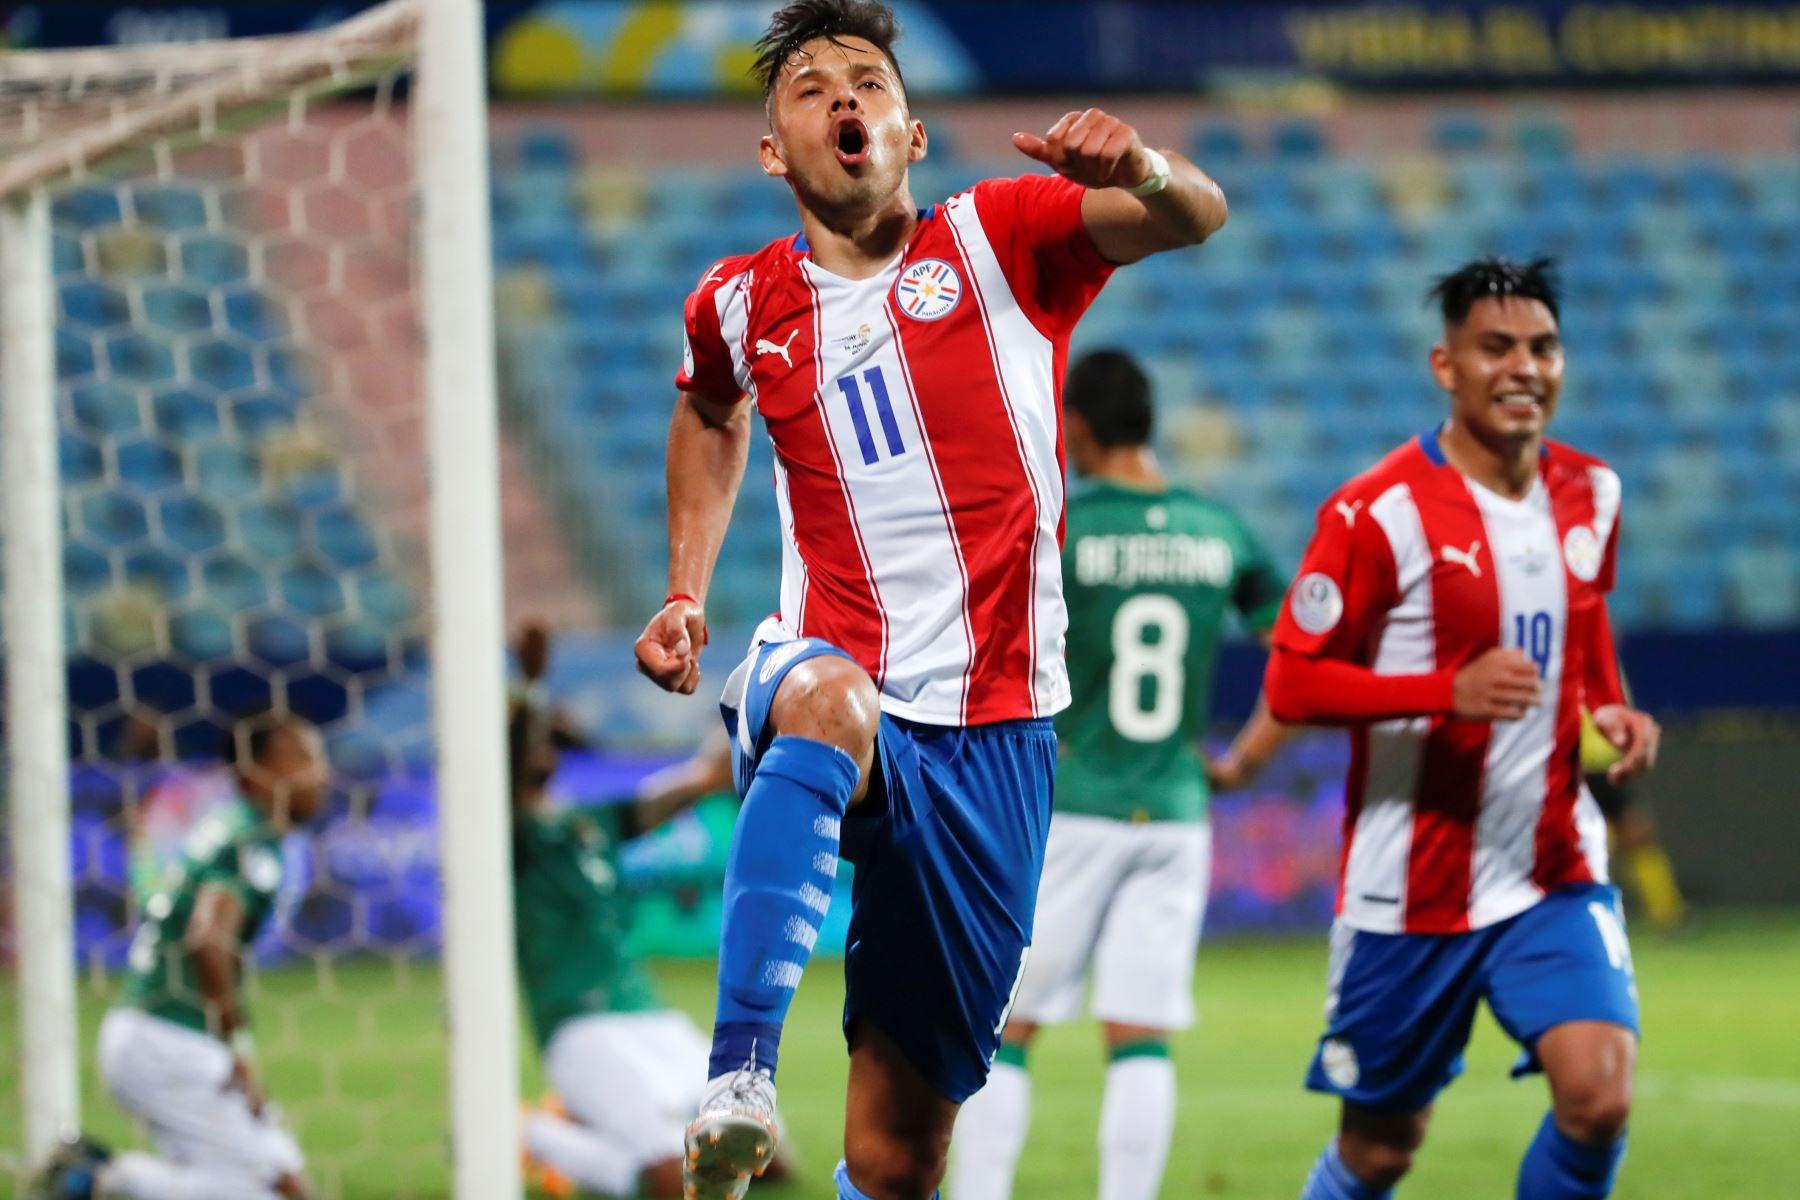 Ángel Romero de Paraguay celebra un gol , en un partido del grupo B de la Copa América entre las selecciones de Paraguay y Bolivia en el estadio Olímpico en Goiania (Brasil).  Foto: AFP